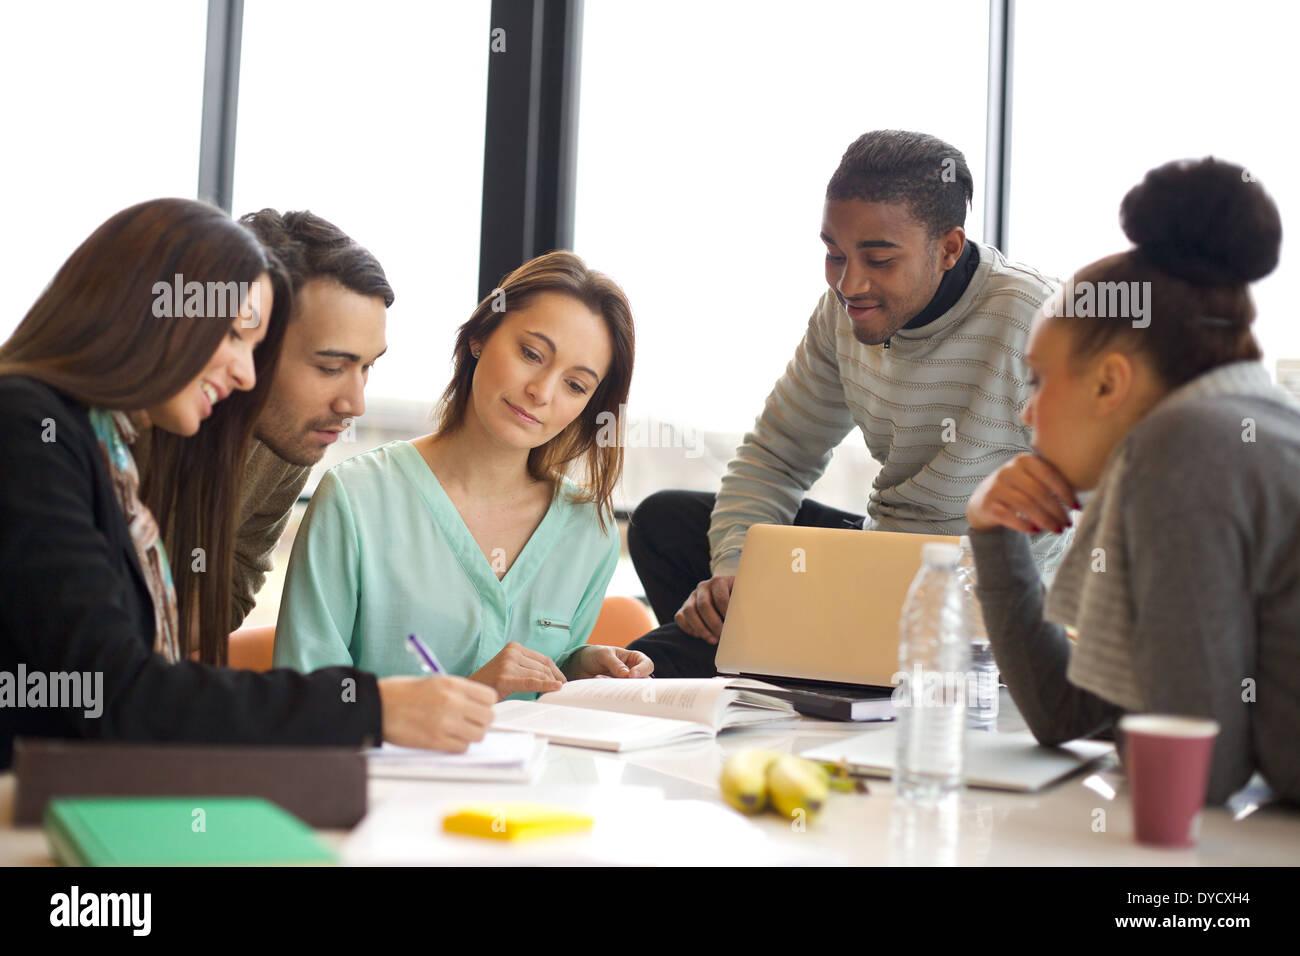 Heterogene Gruppe von jungen Studenten gemeinsam an Schulaufgaben. Multiethnische Leute studieren zusammen an einem Tisch. Stockbild